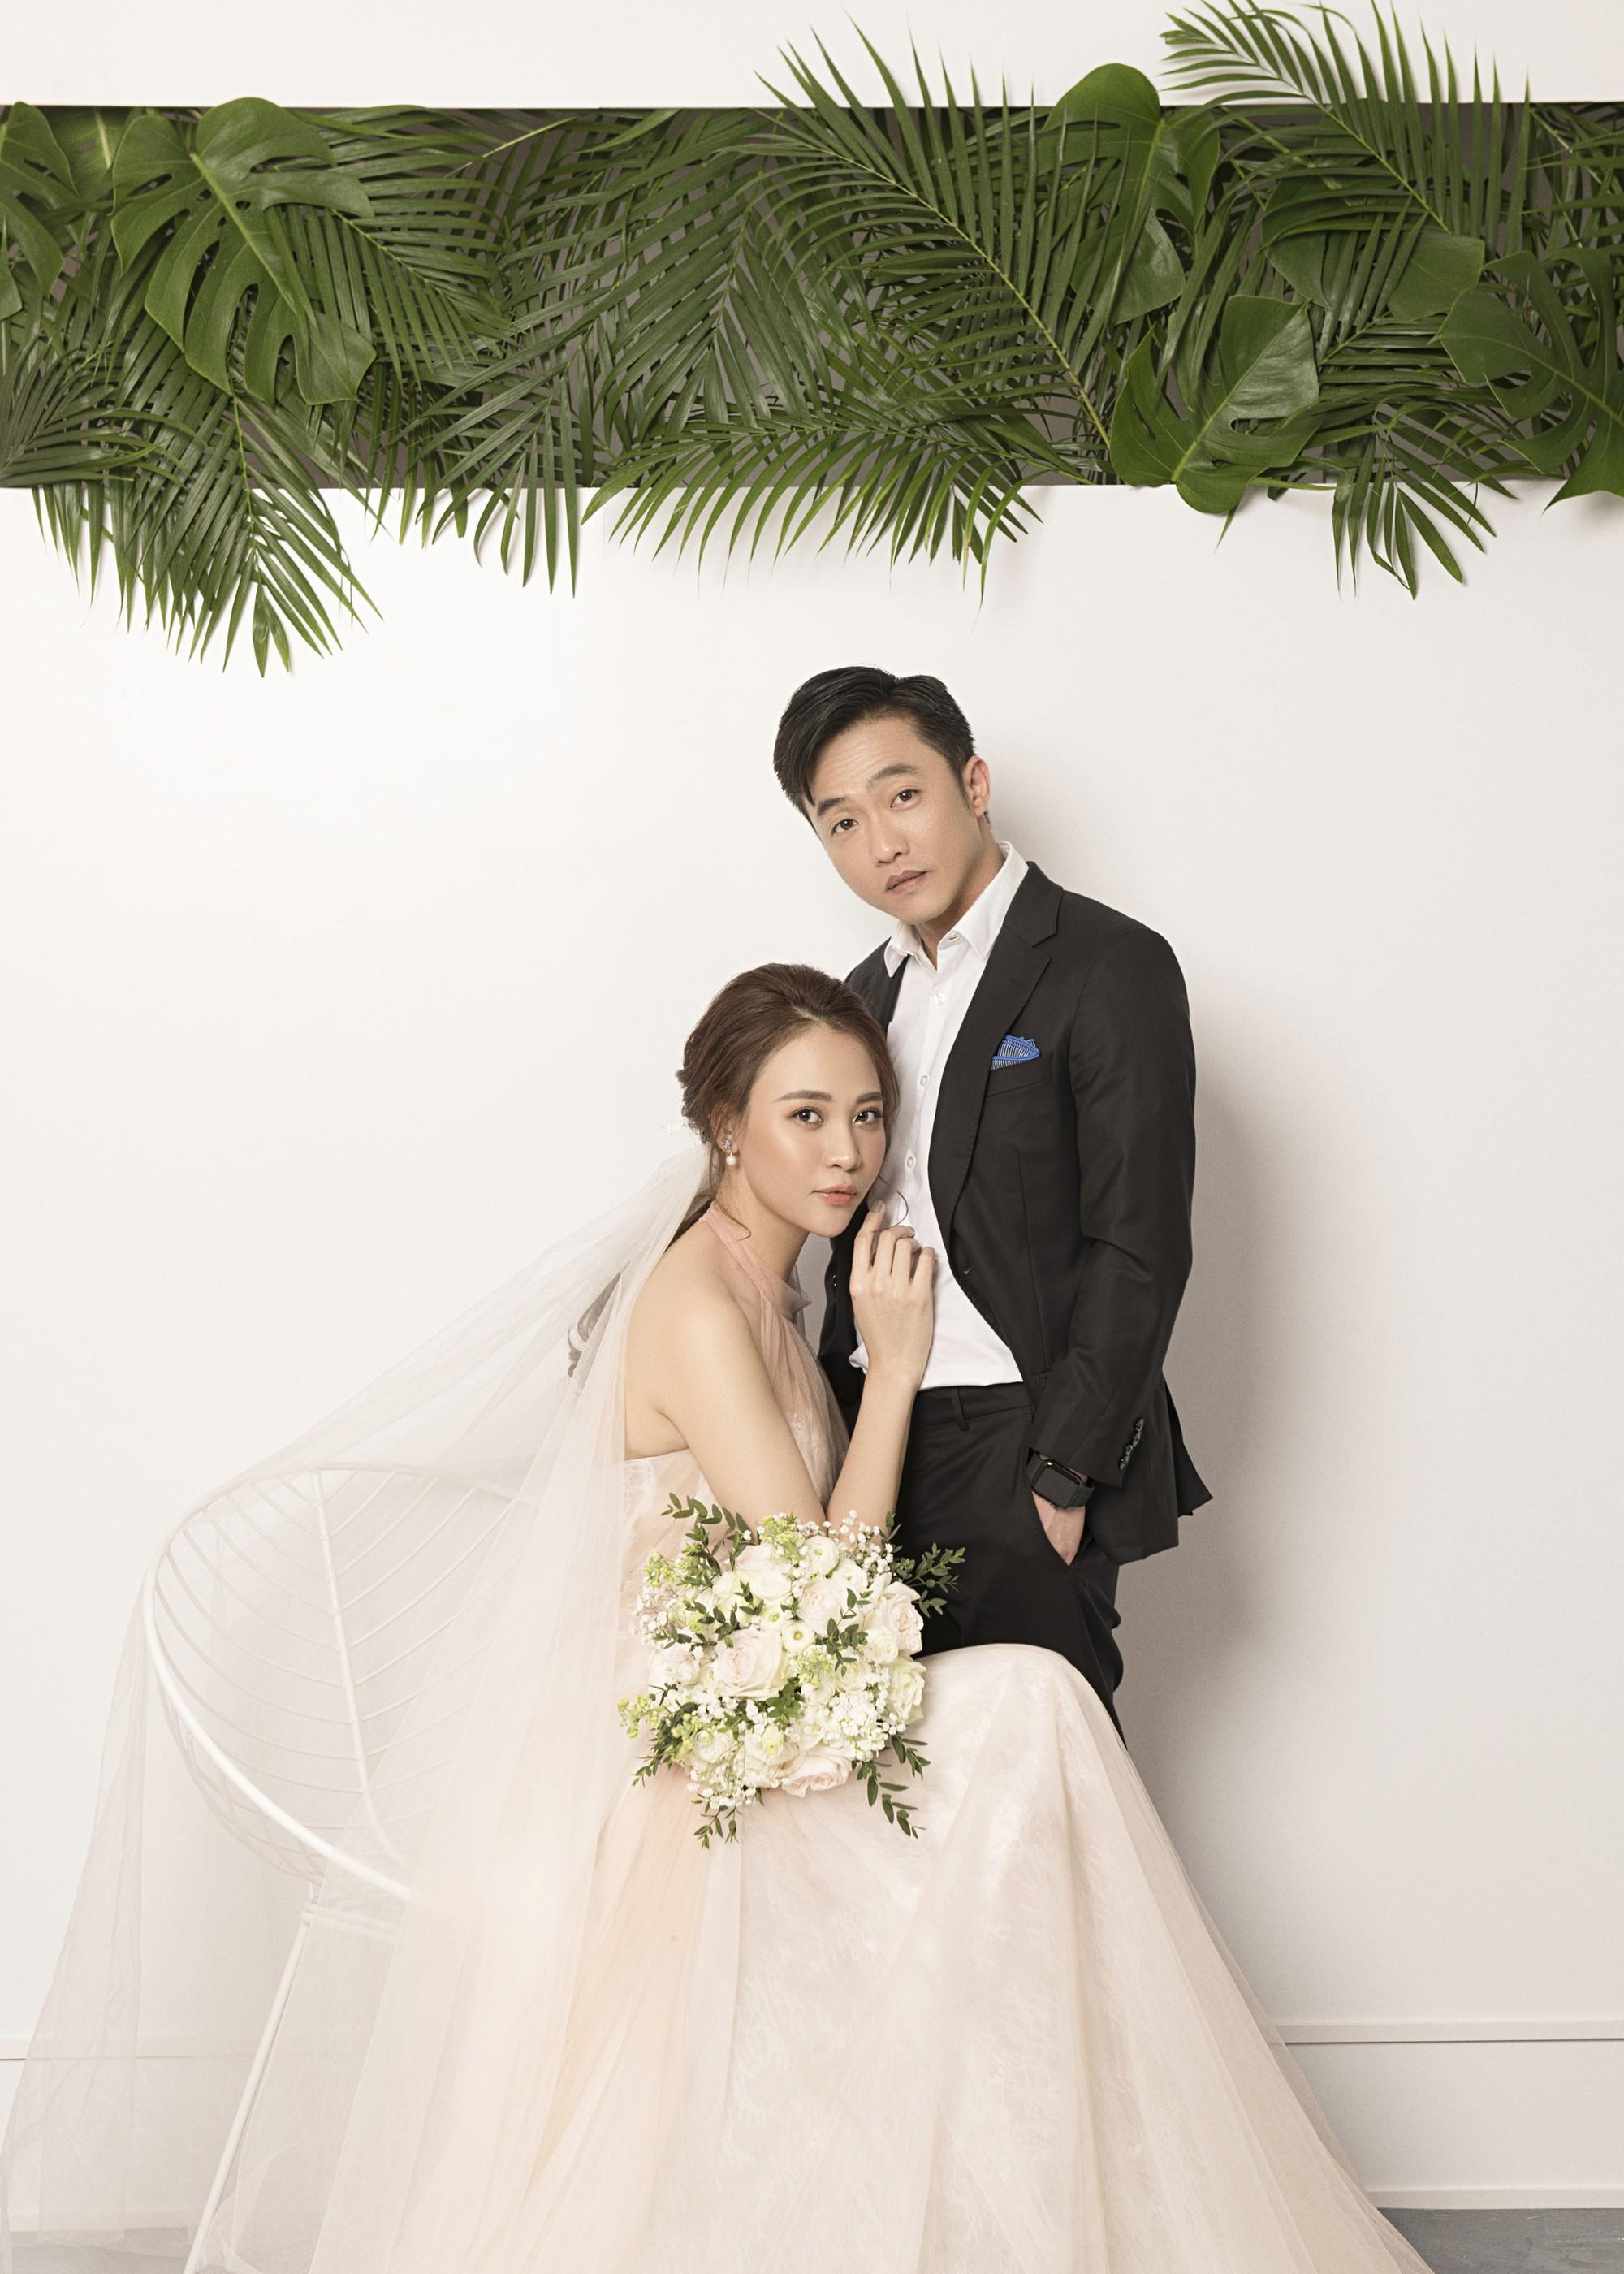 Hé lộ thêm ảnh cưới của Đàm Thu Trang và Cường Đô La trước ngày trọng đại: Quá ngọt, cô dâu thay tới 8 trang phục khác nhau - Ảnh 1.